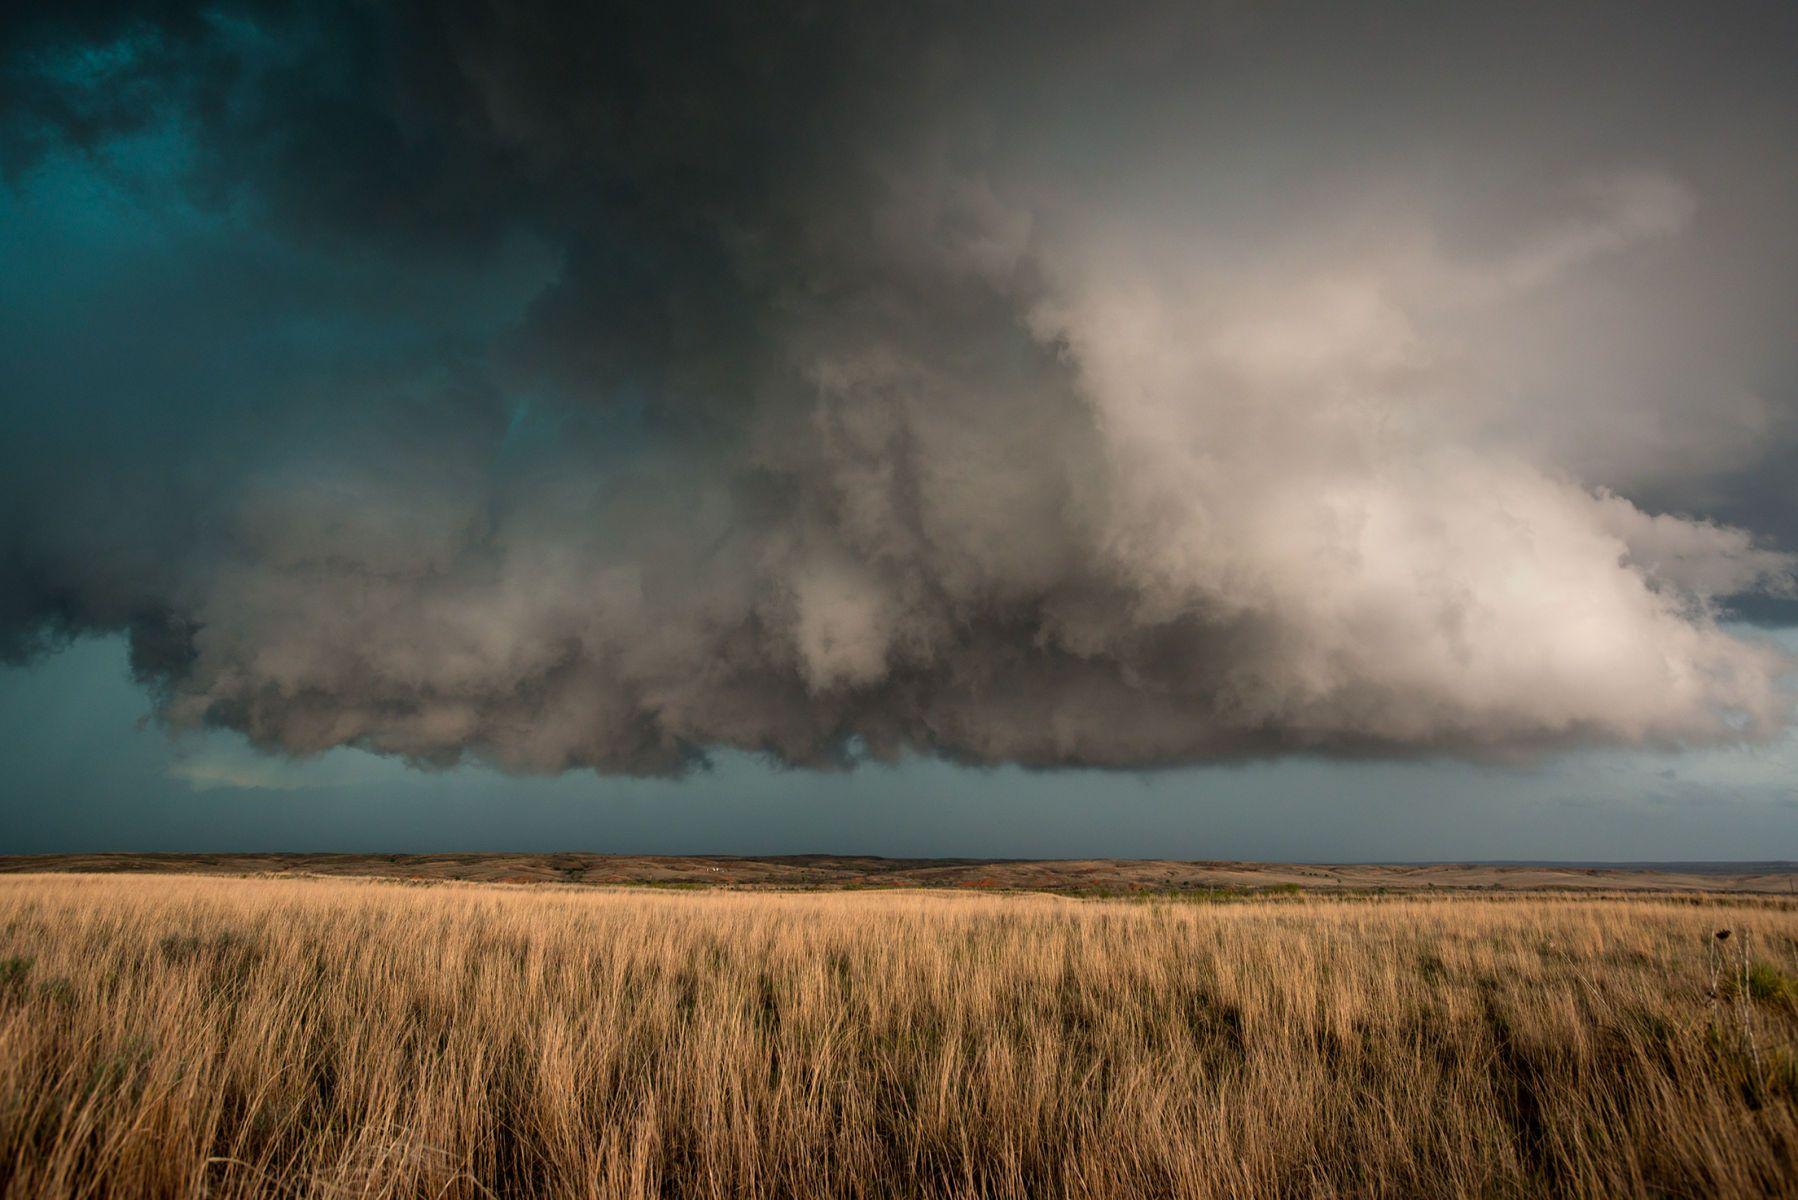 April 11, 2015 - Texas Panhandle